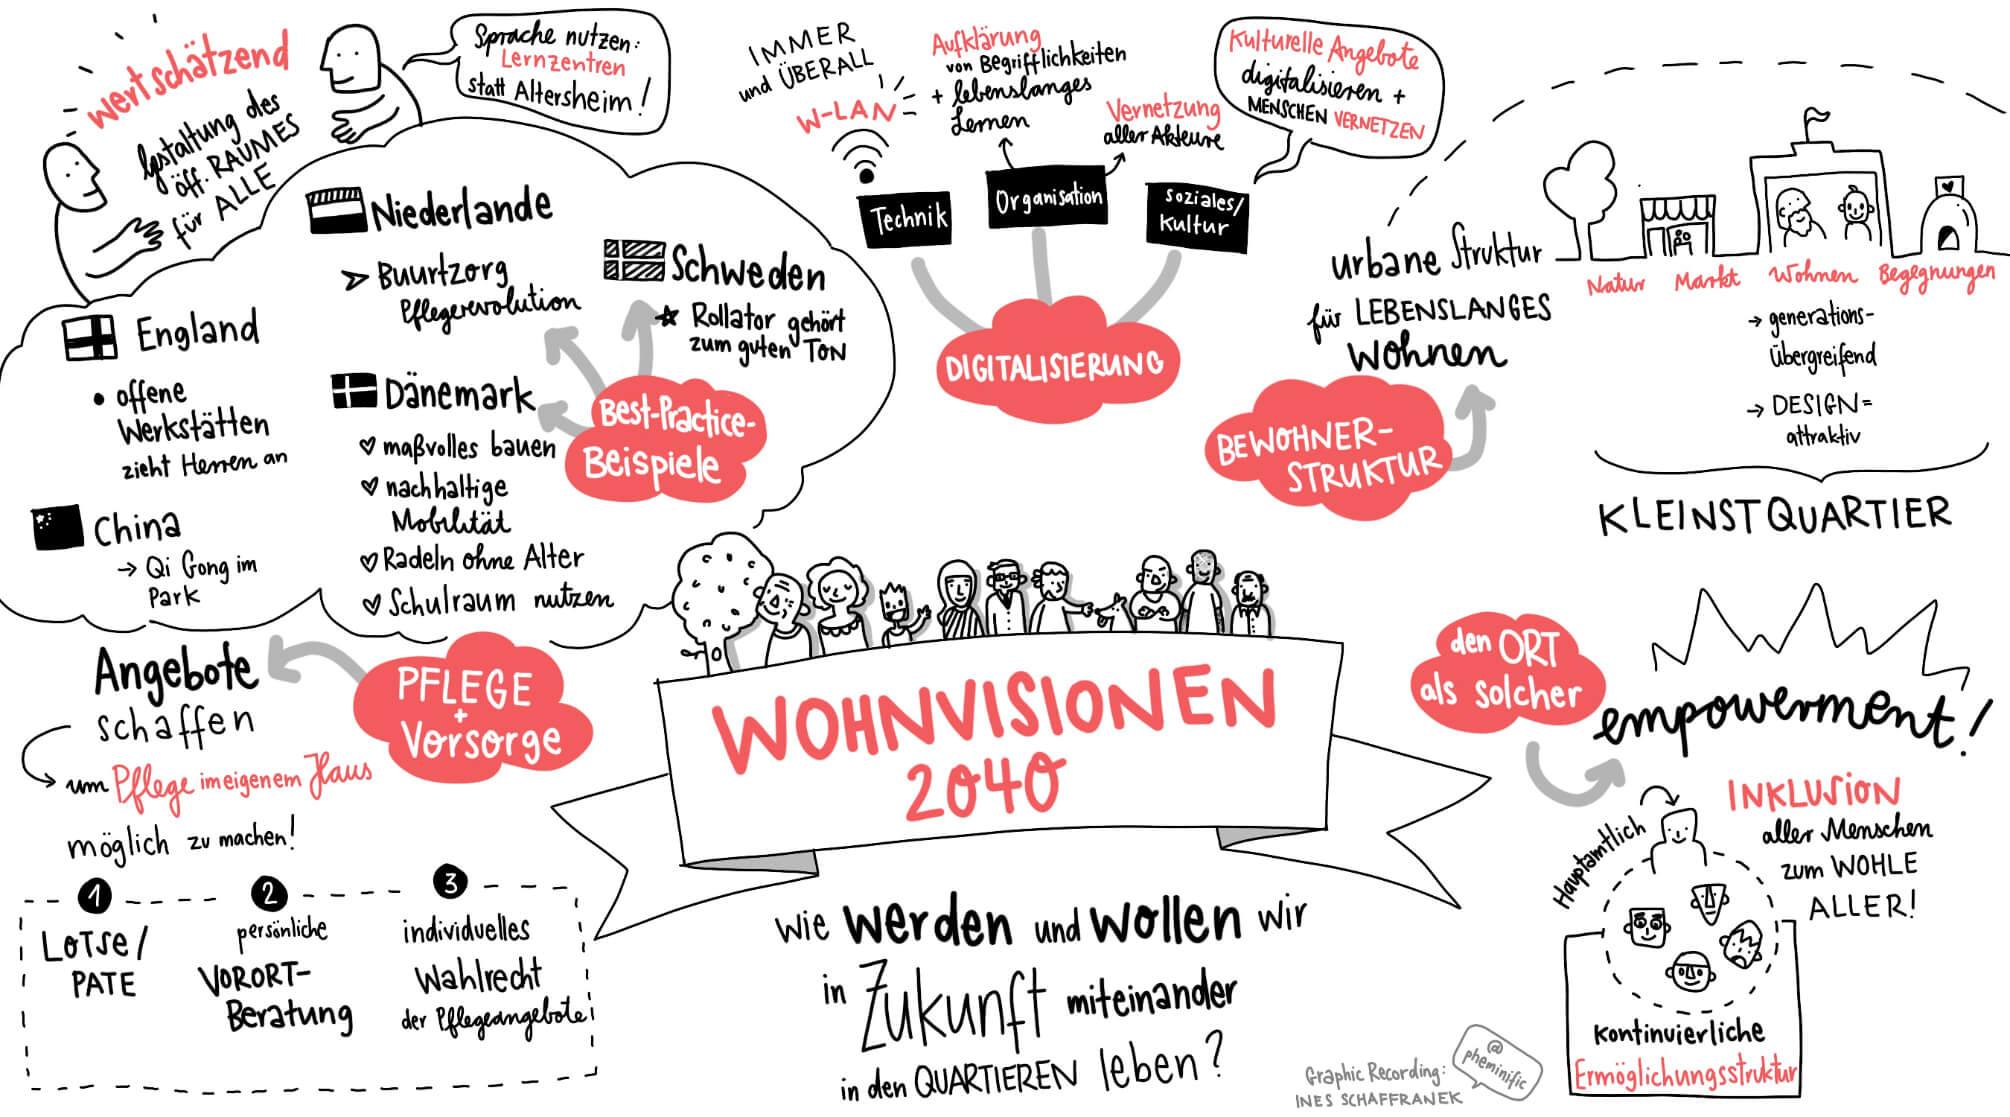 Wohnvisionen 2040 - Graphic Record von Ines Schaffranek // PHEMINIFIC